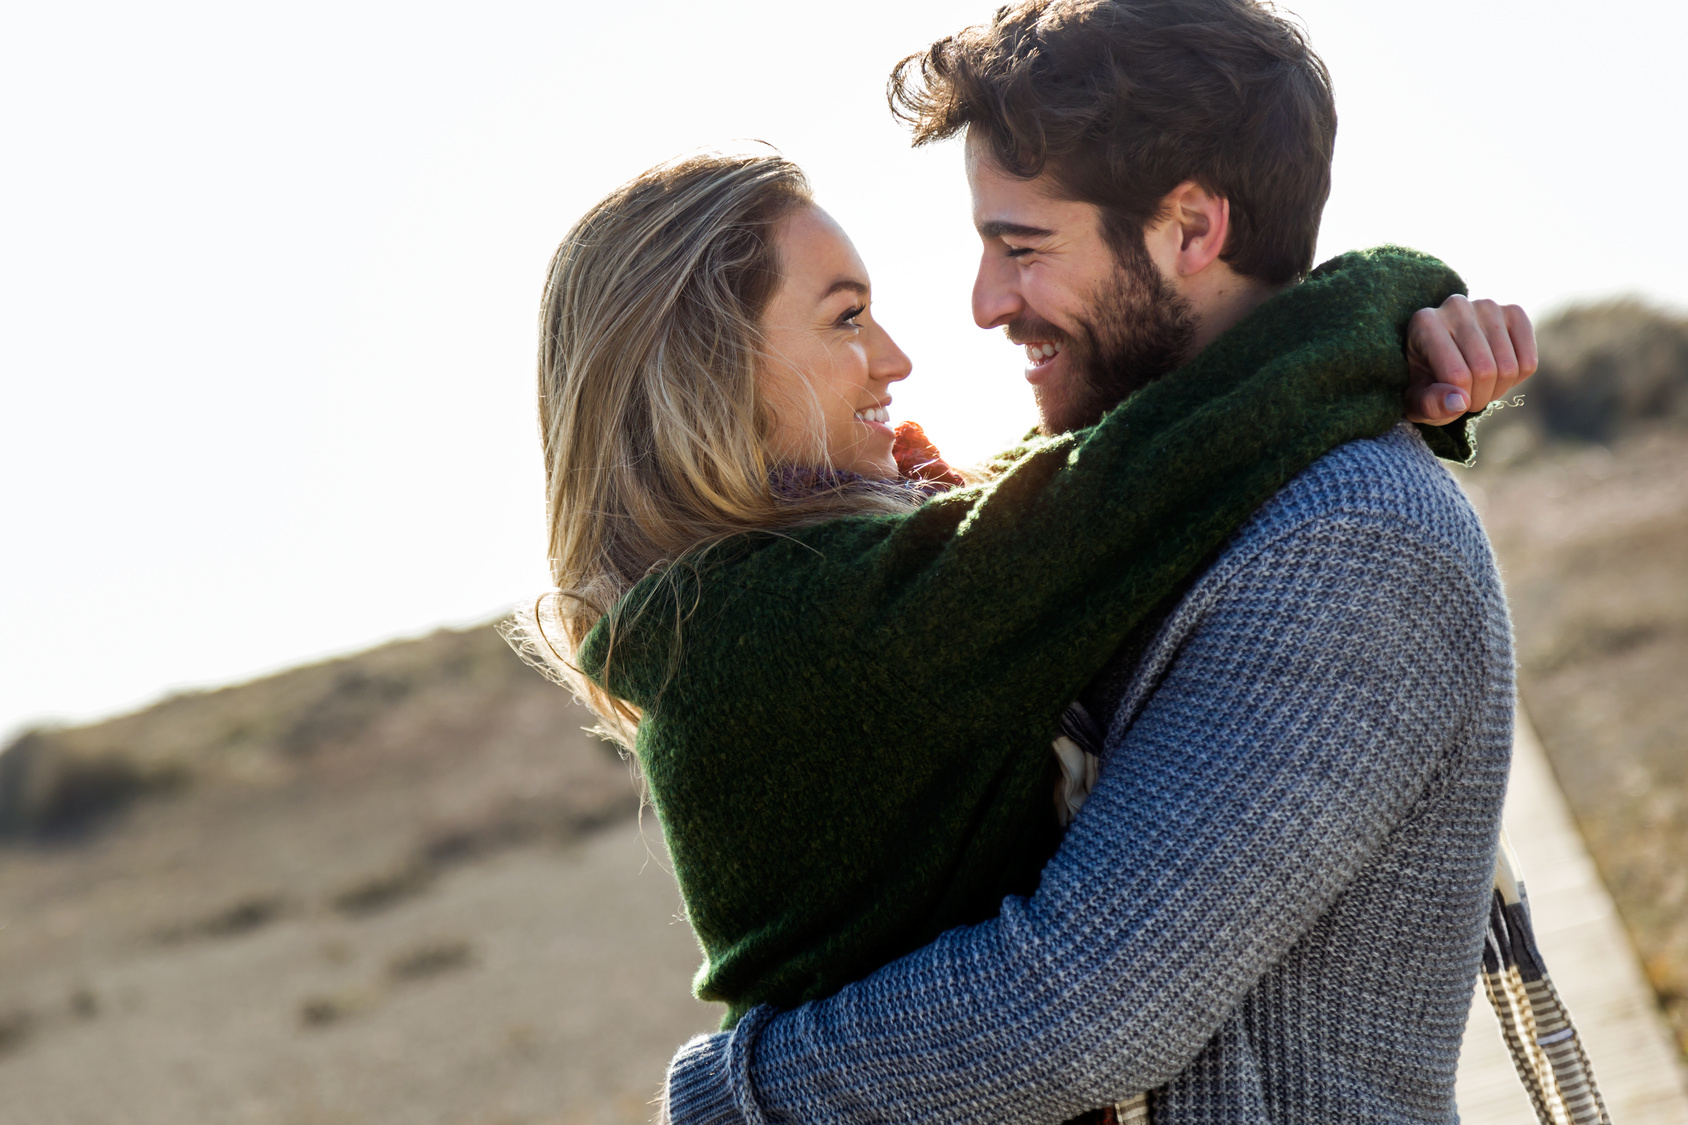 Dallas singler matchmaking online dating på 40